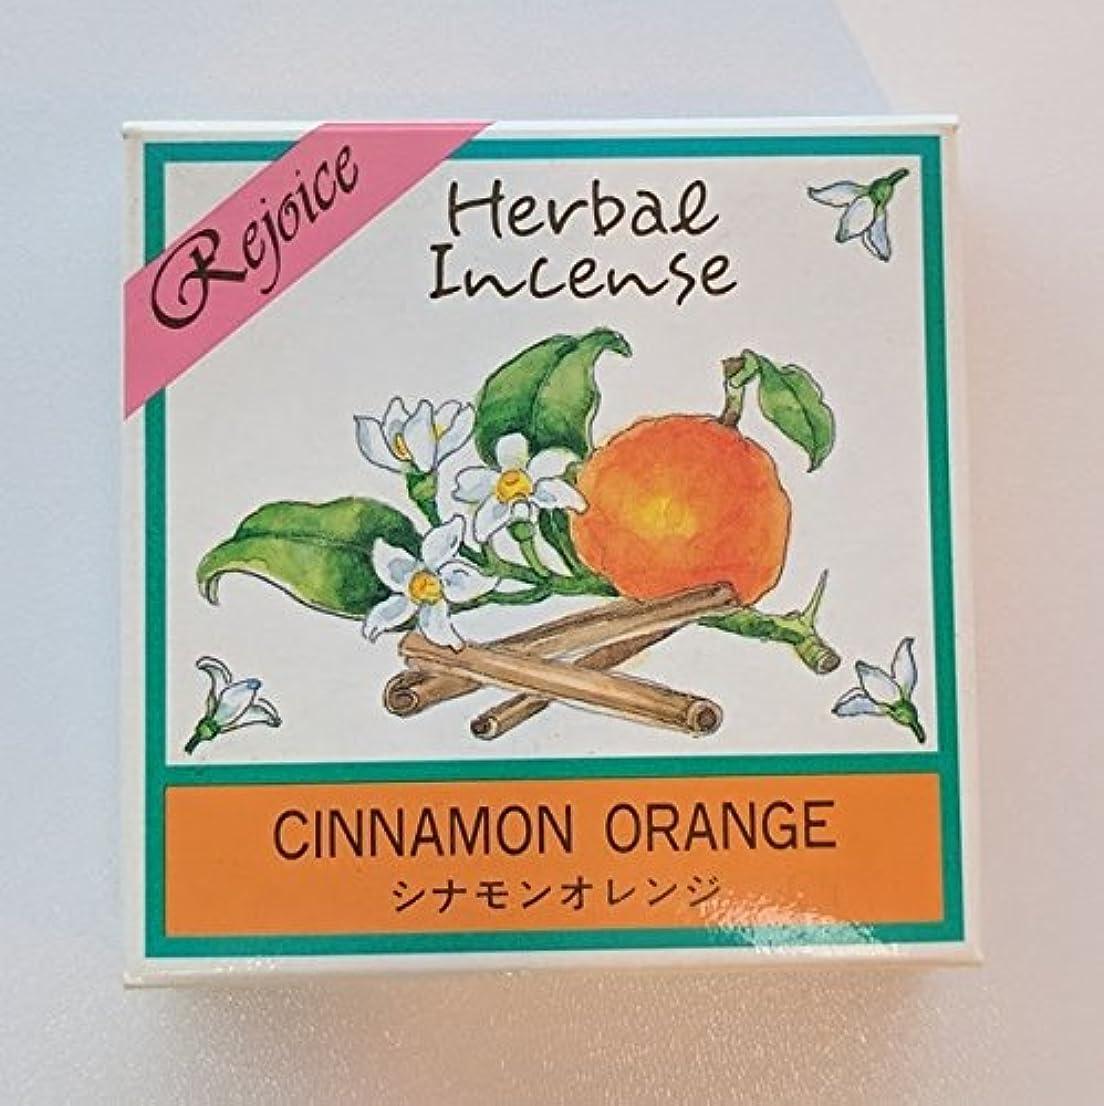 刺激する贅沢な歴史的ハーバル インセンスコーン?シナモンオレンジ(20個入り)